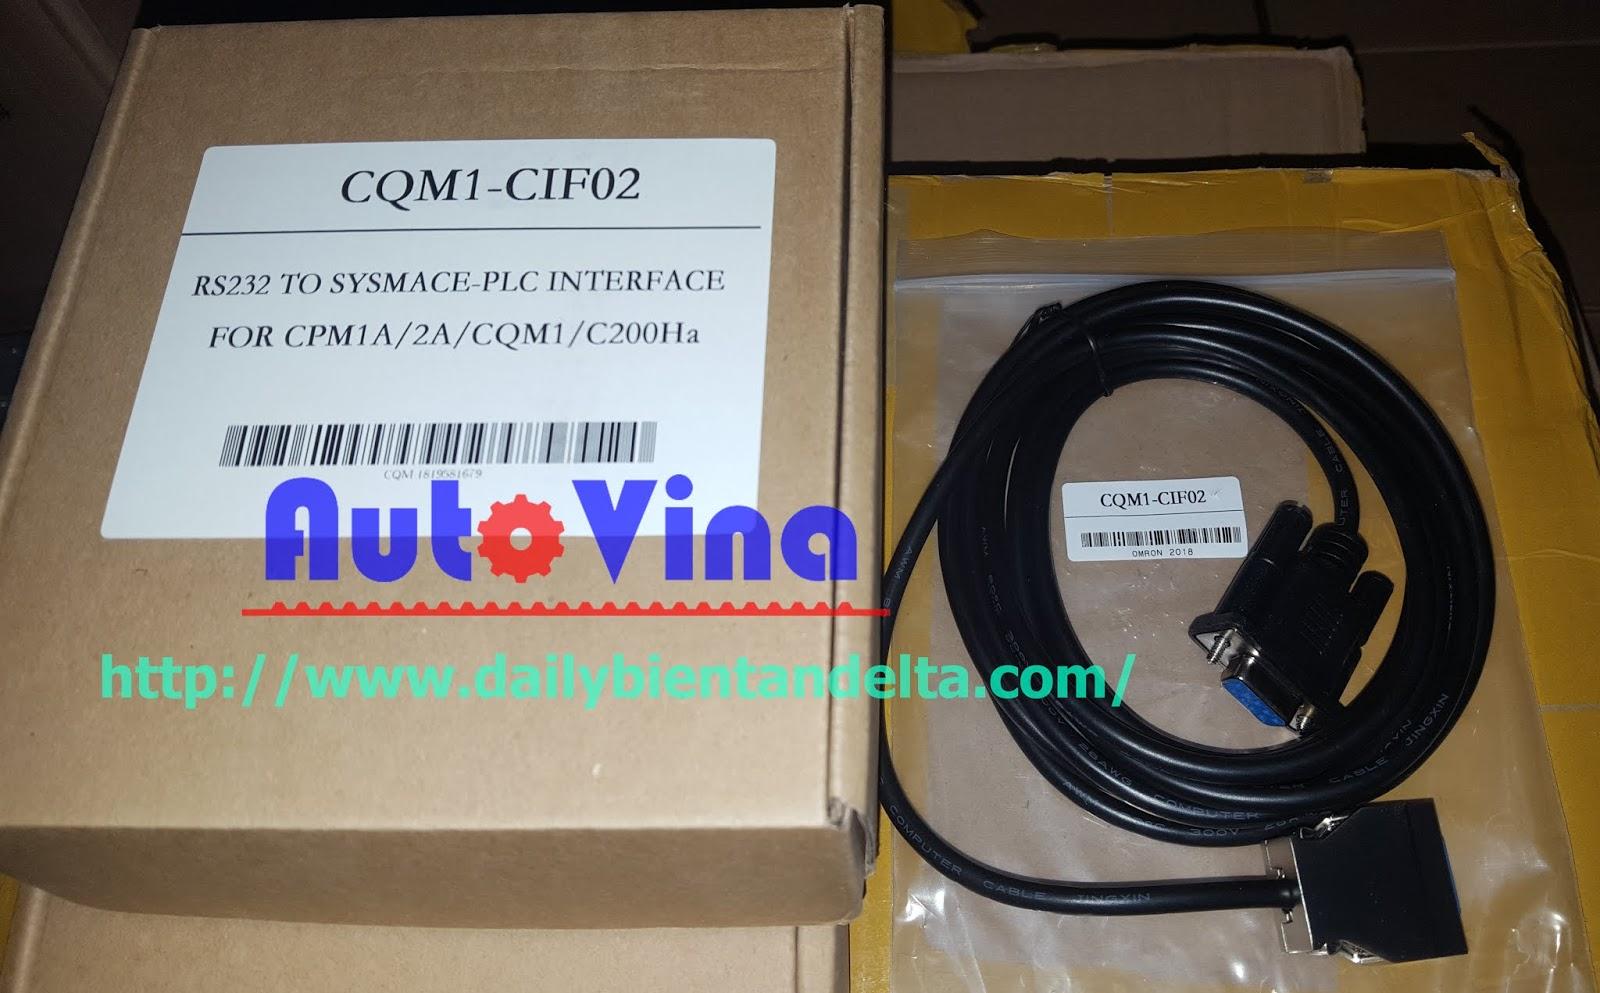 CQM1-CIF02 cable lập trình PLC Omron CPM1A, CPM2A, CQM1, C200Ha